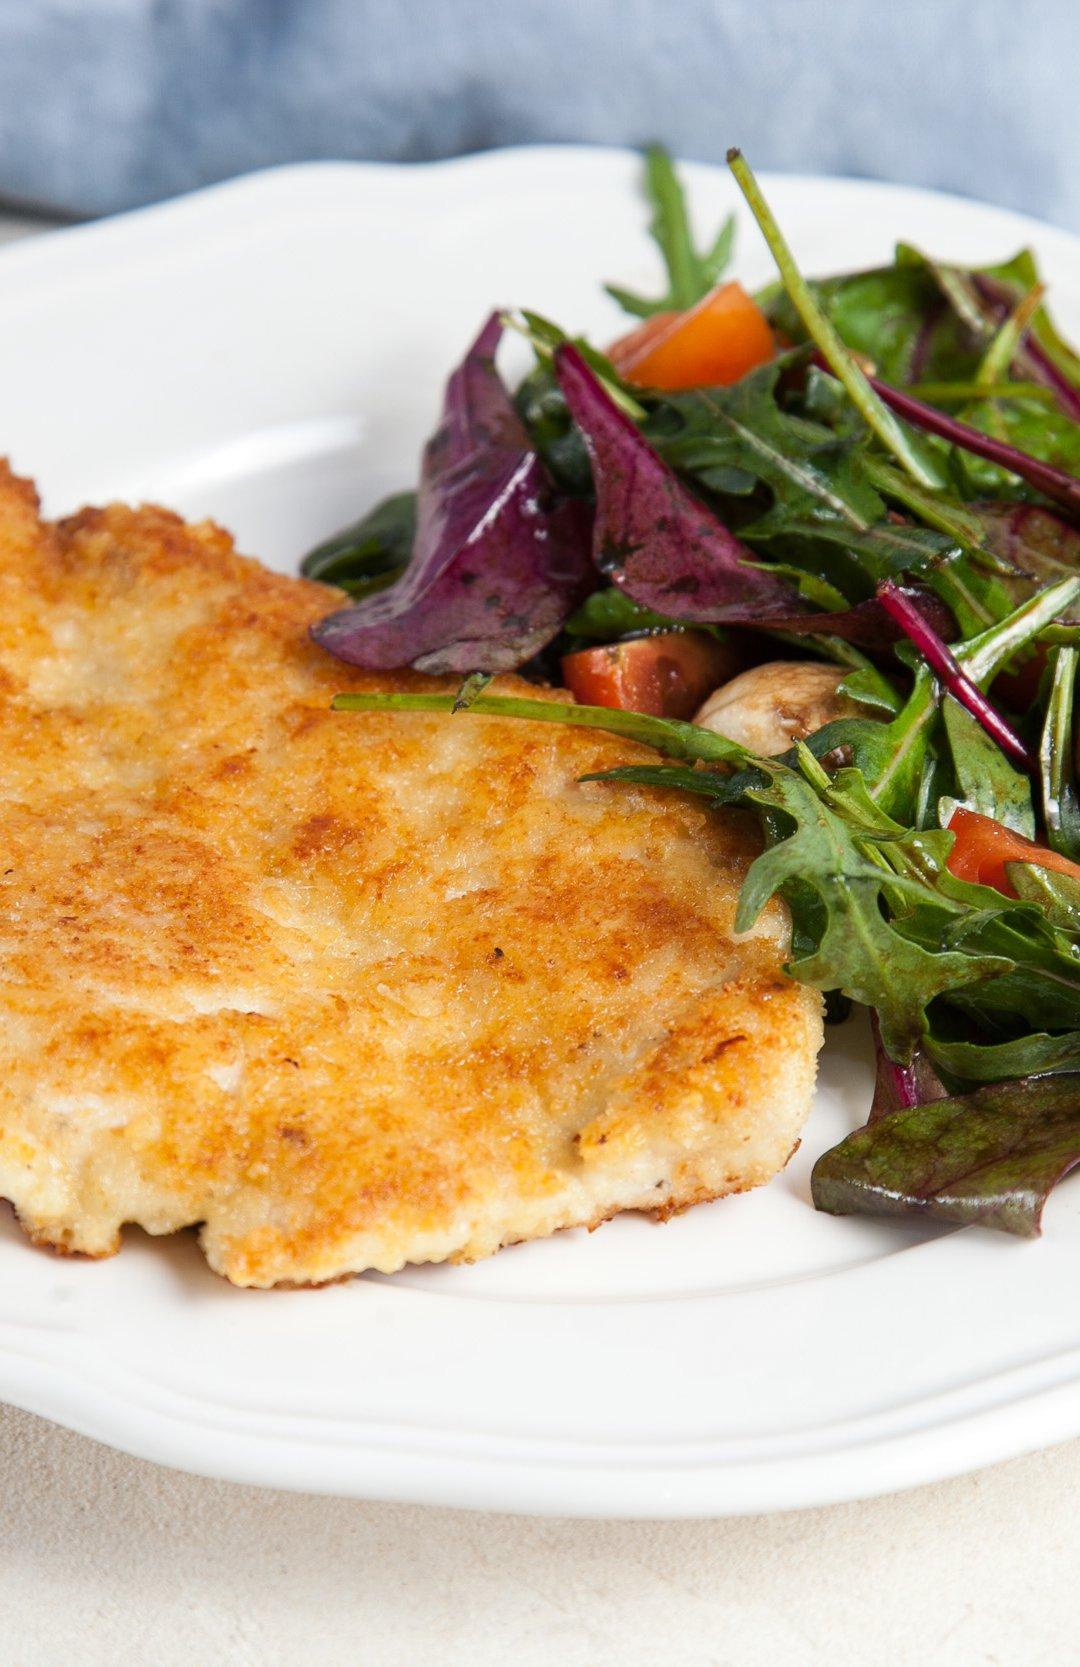 Филе тилапии в сырной панировке - 9 пошаговых фото в рецепте